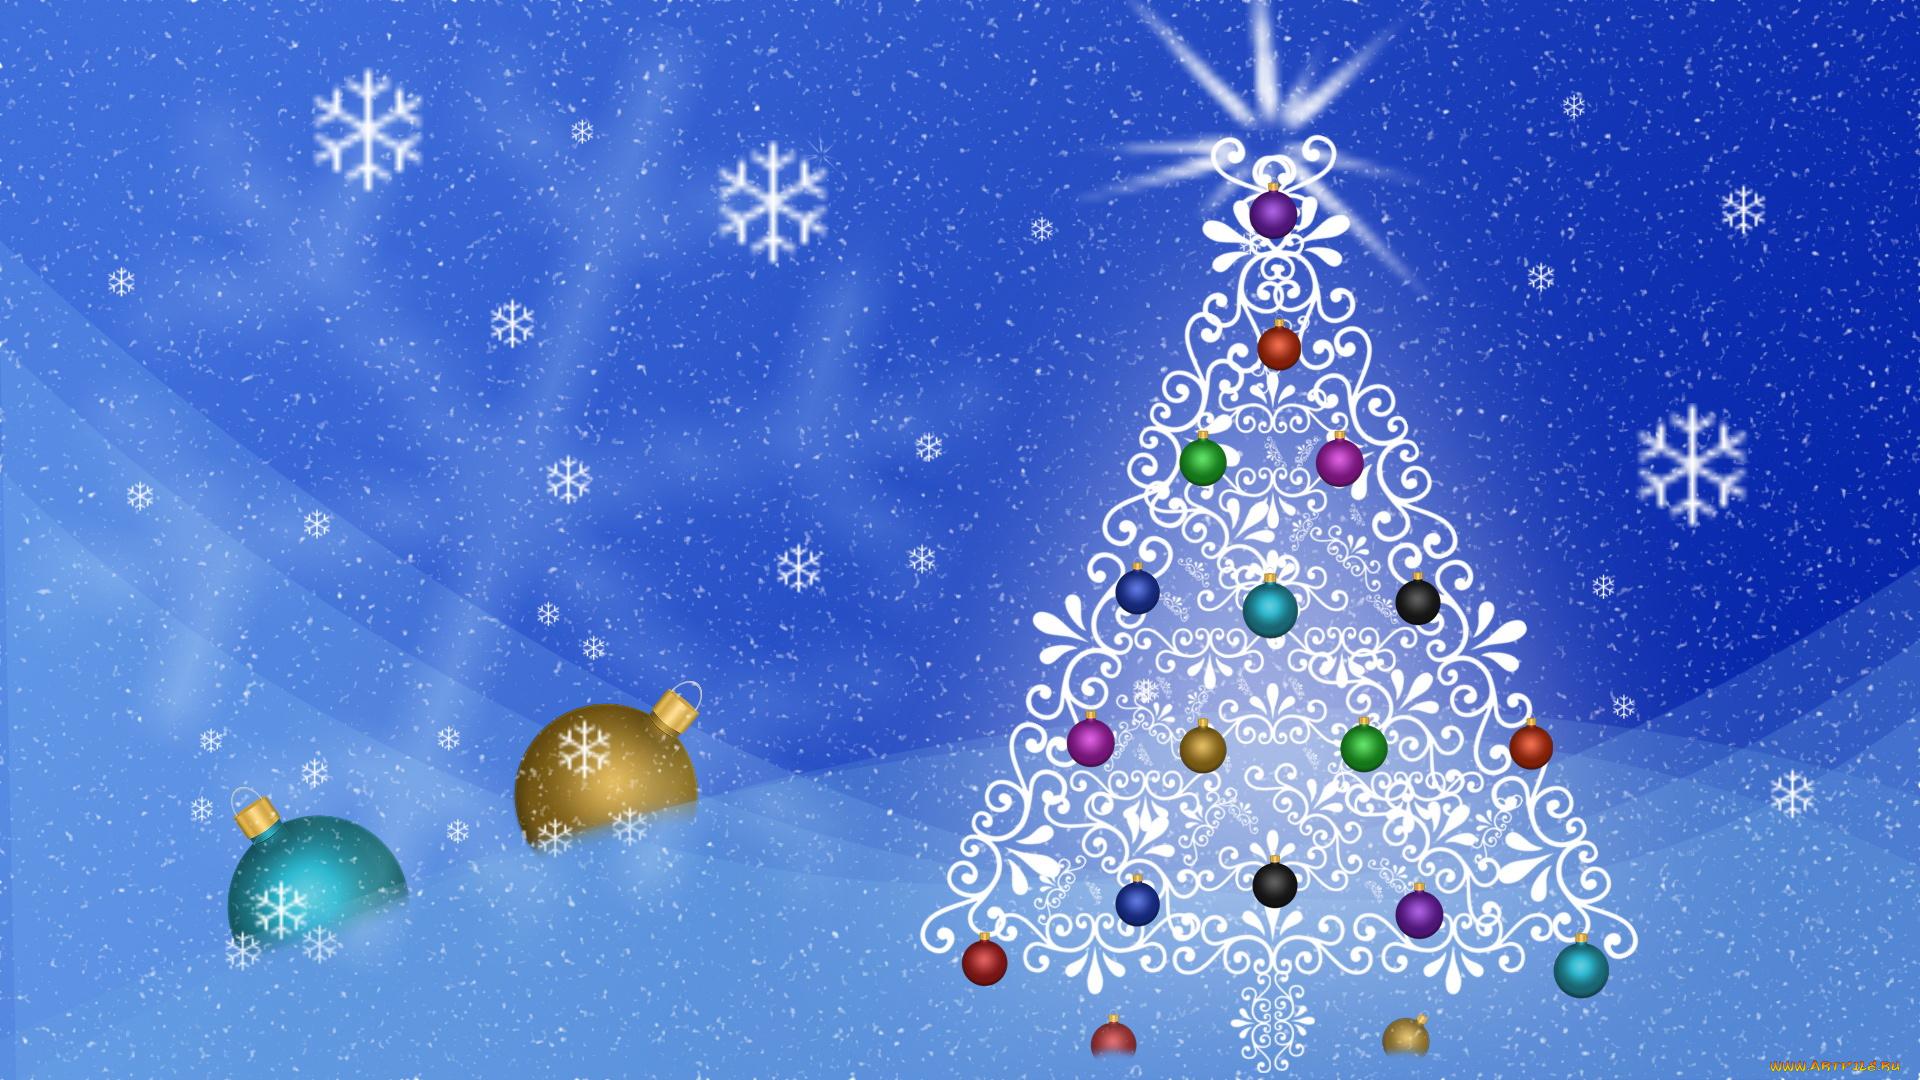 Днем рождения, открытки елка с новым годом